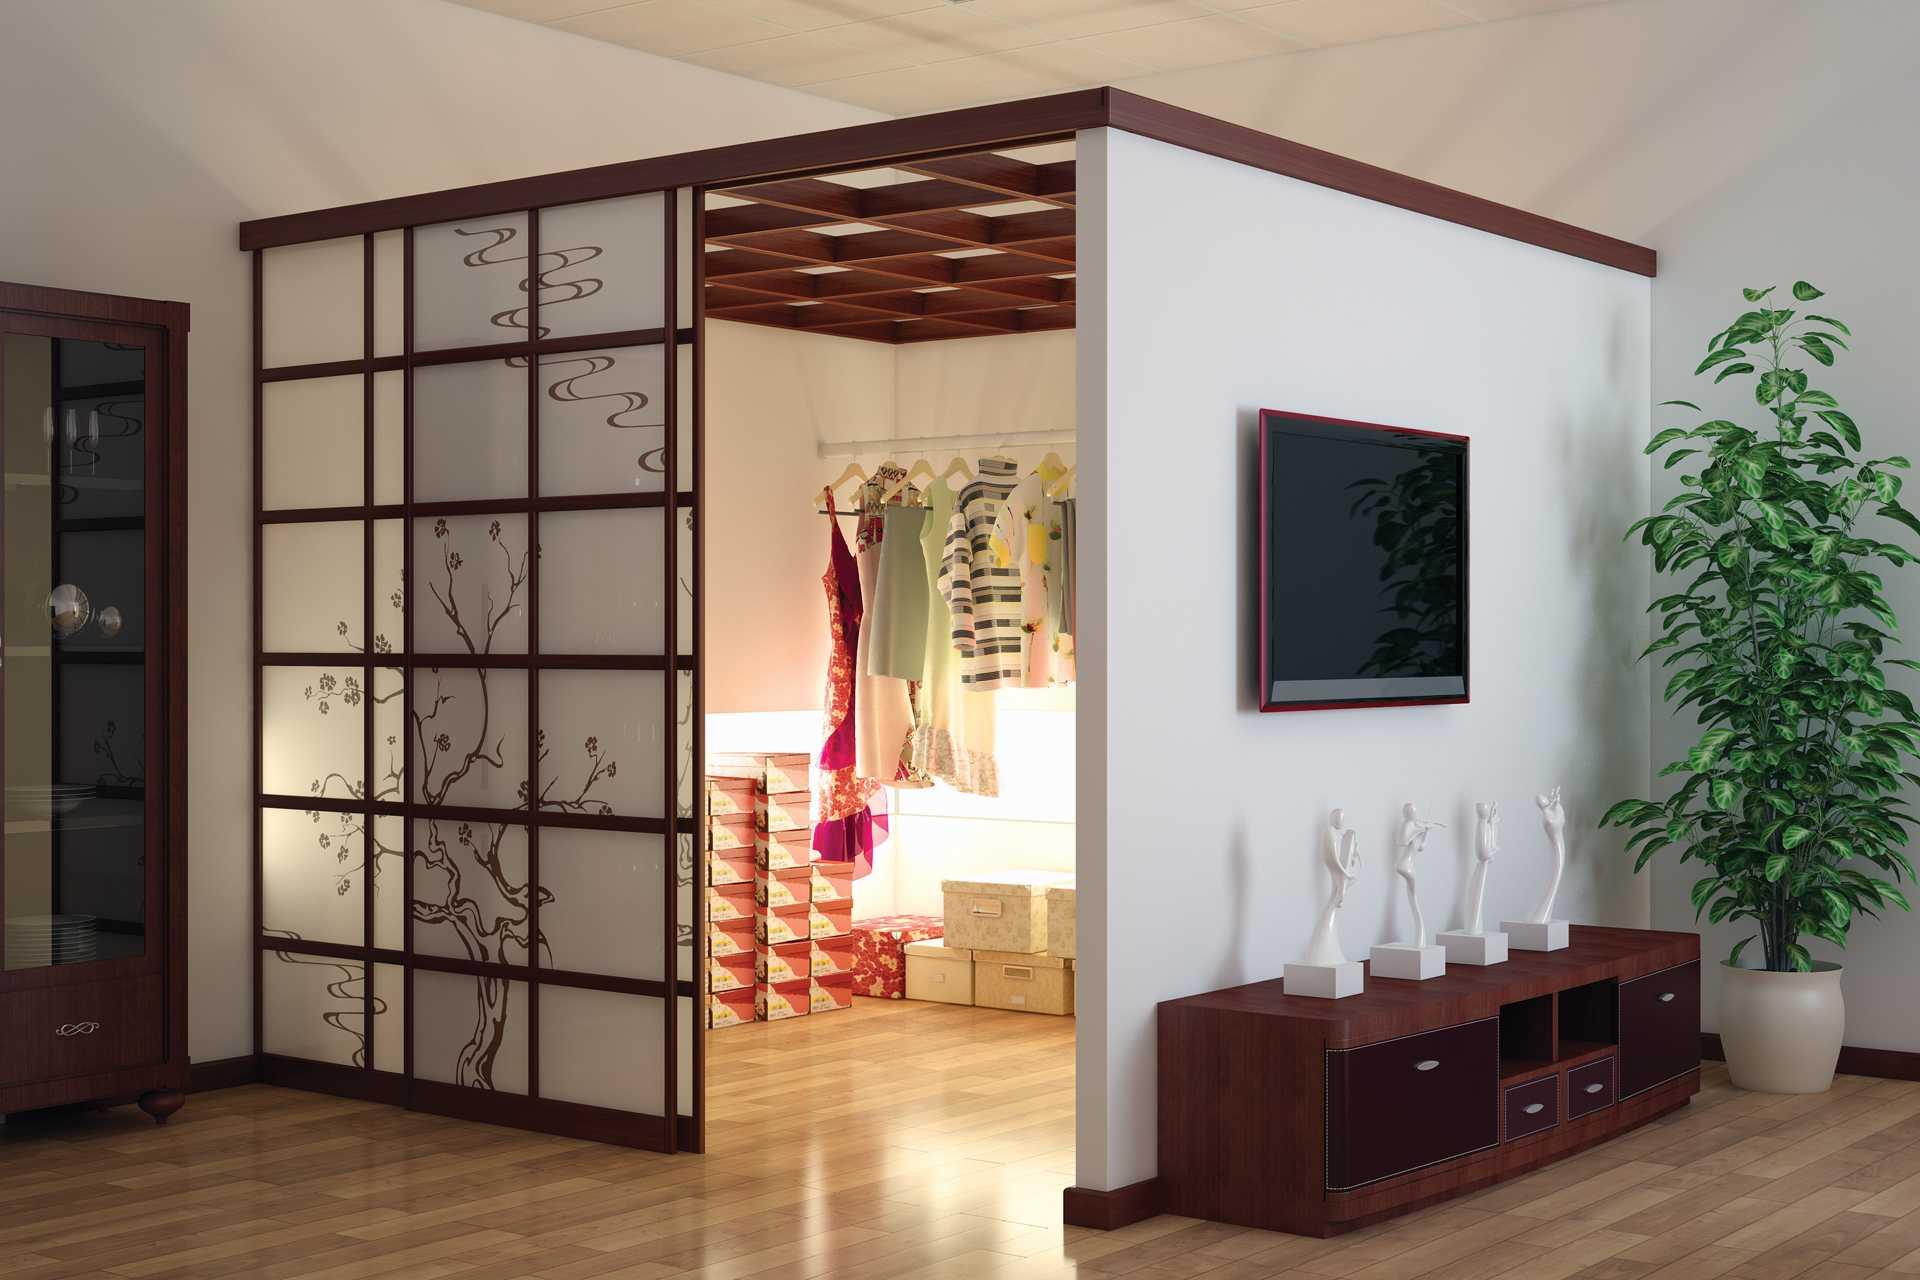 Выбор раздвижных дверей для гардеробной: 6 видов и советы по установке